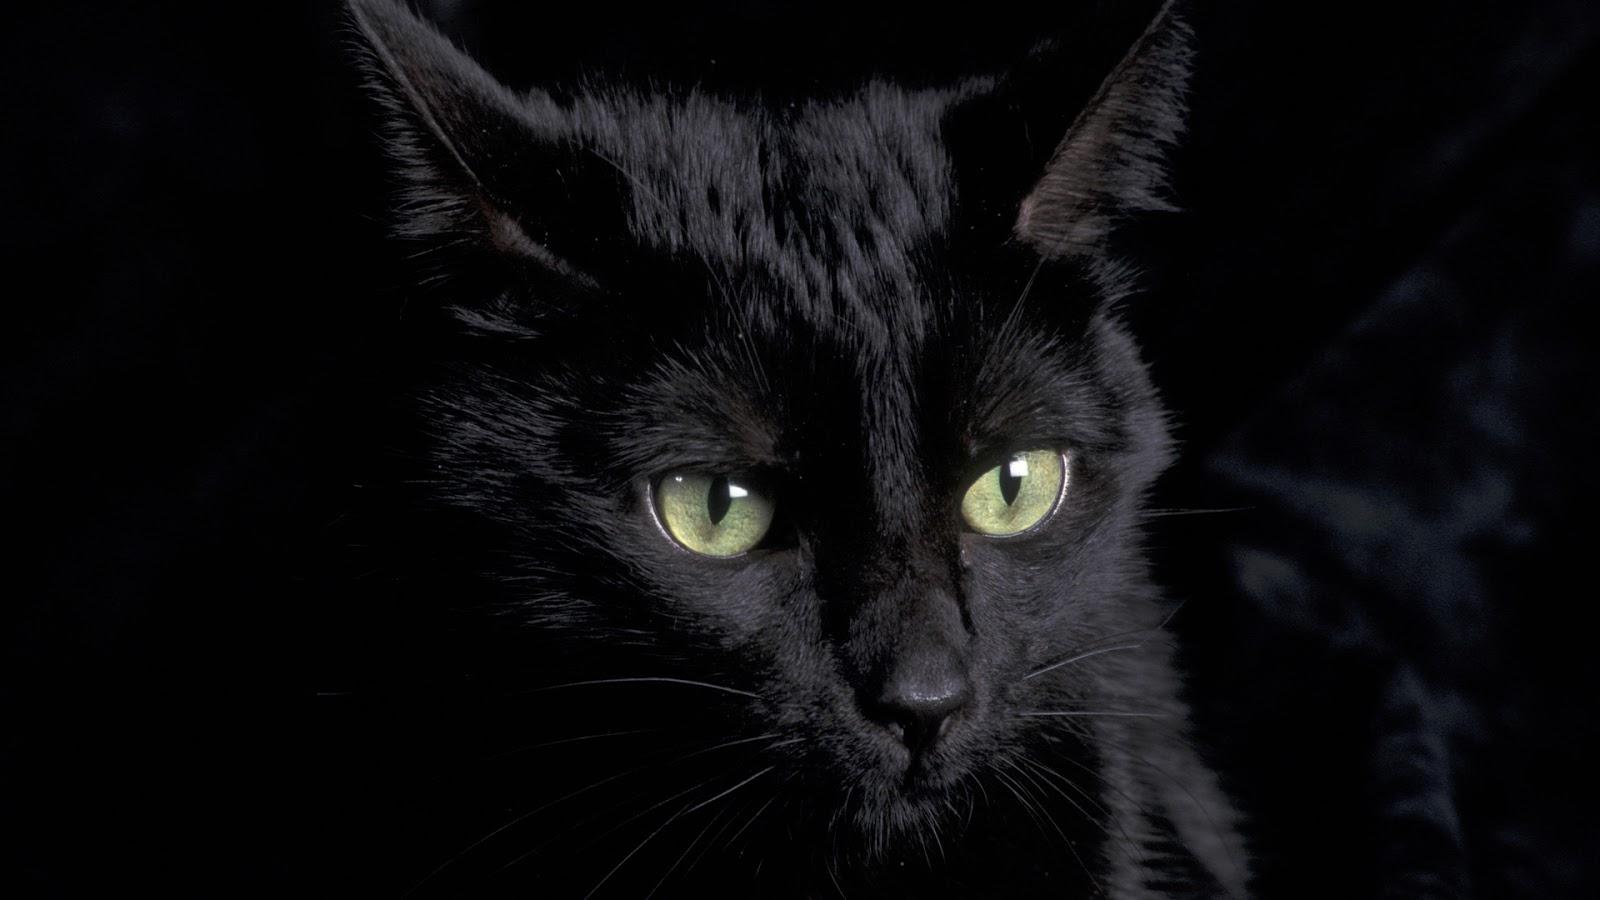 43 Cute Black Cat Wallpaper On Wallpapersafari